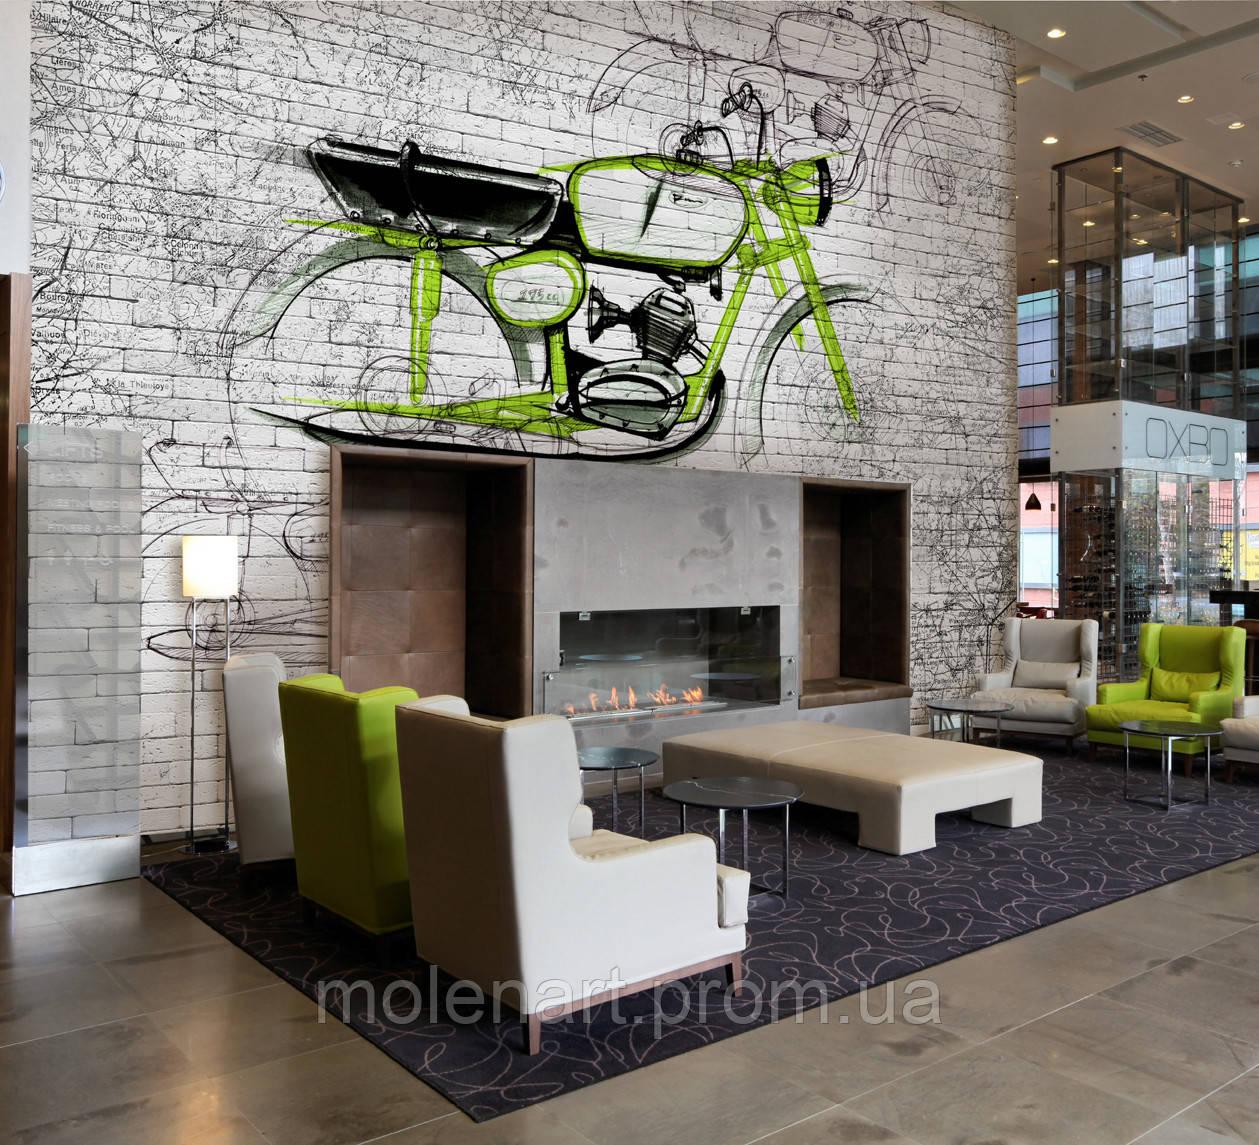 Картинка для печати Мотоцикл